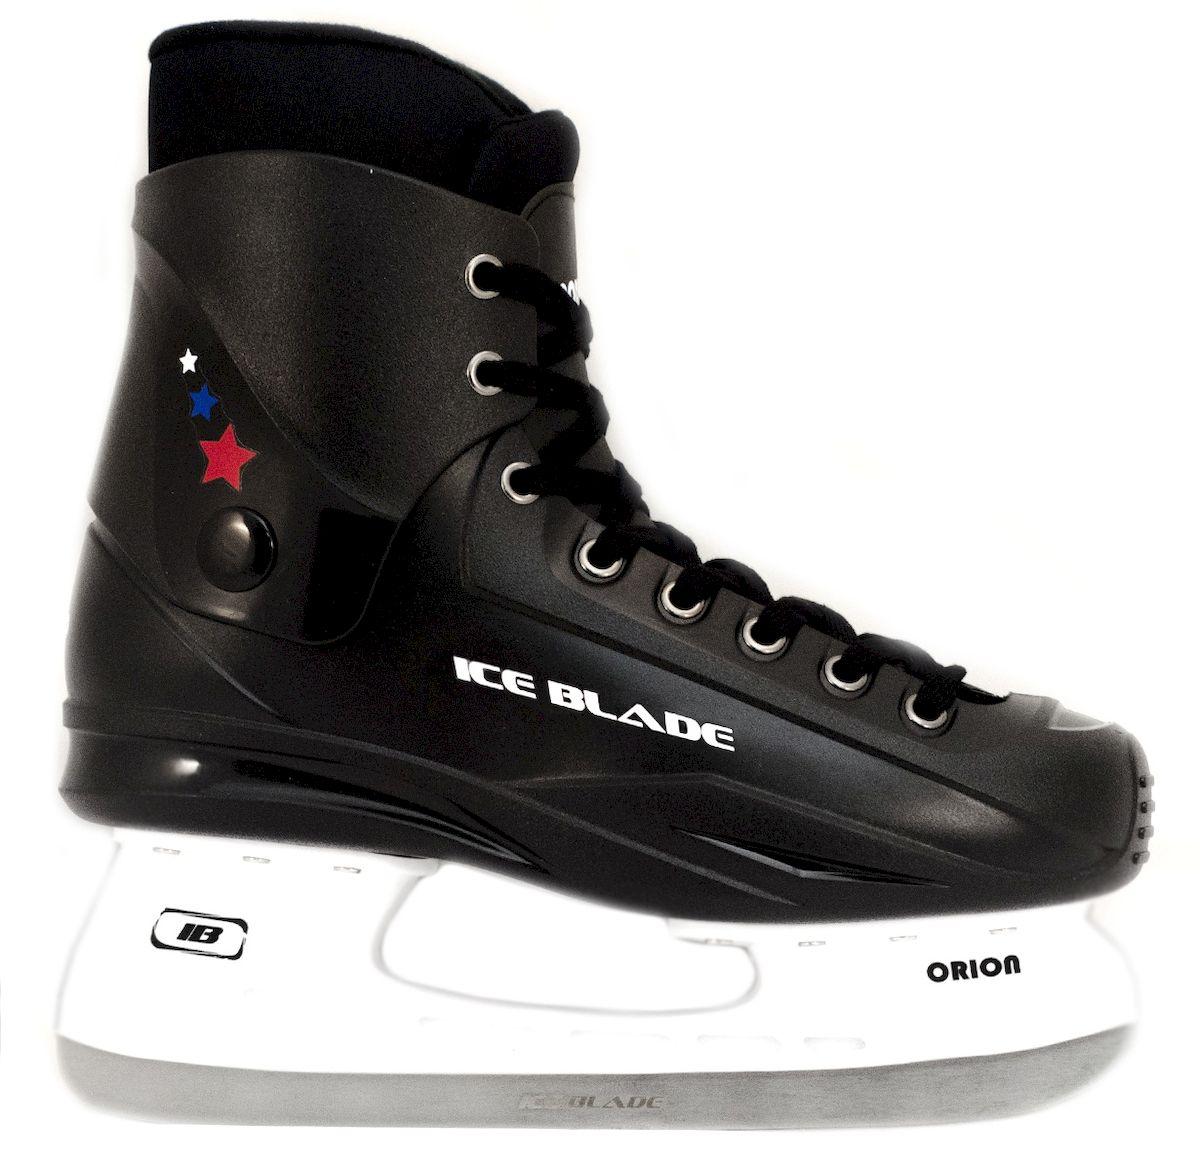 Коньки хоккейные Ice Blade Orion, цвет: черный. УТ-00004984. Размер 38УТ-00004984Коньки хоккейные Orion - это хоккейные коньки для любых возрастов. Конструкция Ice Blade Orion прекрасно защищает стопу, очень комфортно для активного катания, а также позволяет играть в хоккей. Легкий пластиковый ботинок хоккейных коньков Ice Blade Orion очень комфортный как для простого катания на льду, так и для любительского хоккея. Внутренний сапожок утеплен мягким и дышащим материалом, а язычок усилен специальной вставкой для большей безопасности Вашей стопы. Модель Ice Blade Orion также прекрасно подойдет и для коммерческого использования. Данную модель часто покупают для использования в прокате. Материал: Выполнены из высококачественного морозостойкого пластика и нейлоновой сетки. Внутренняя часть отделана мягким вельветом. Материал лезвия - высокоуглеродистая сталь. Основные характеристики: Назначение: хоккейные коньки Тип фиксации: шнурки Дополнительные характеристики: Материал ботинка: высококачественный морозостойкий пластик и нейлоновая сетка...